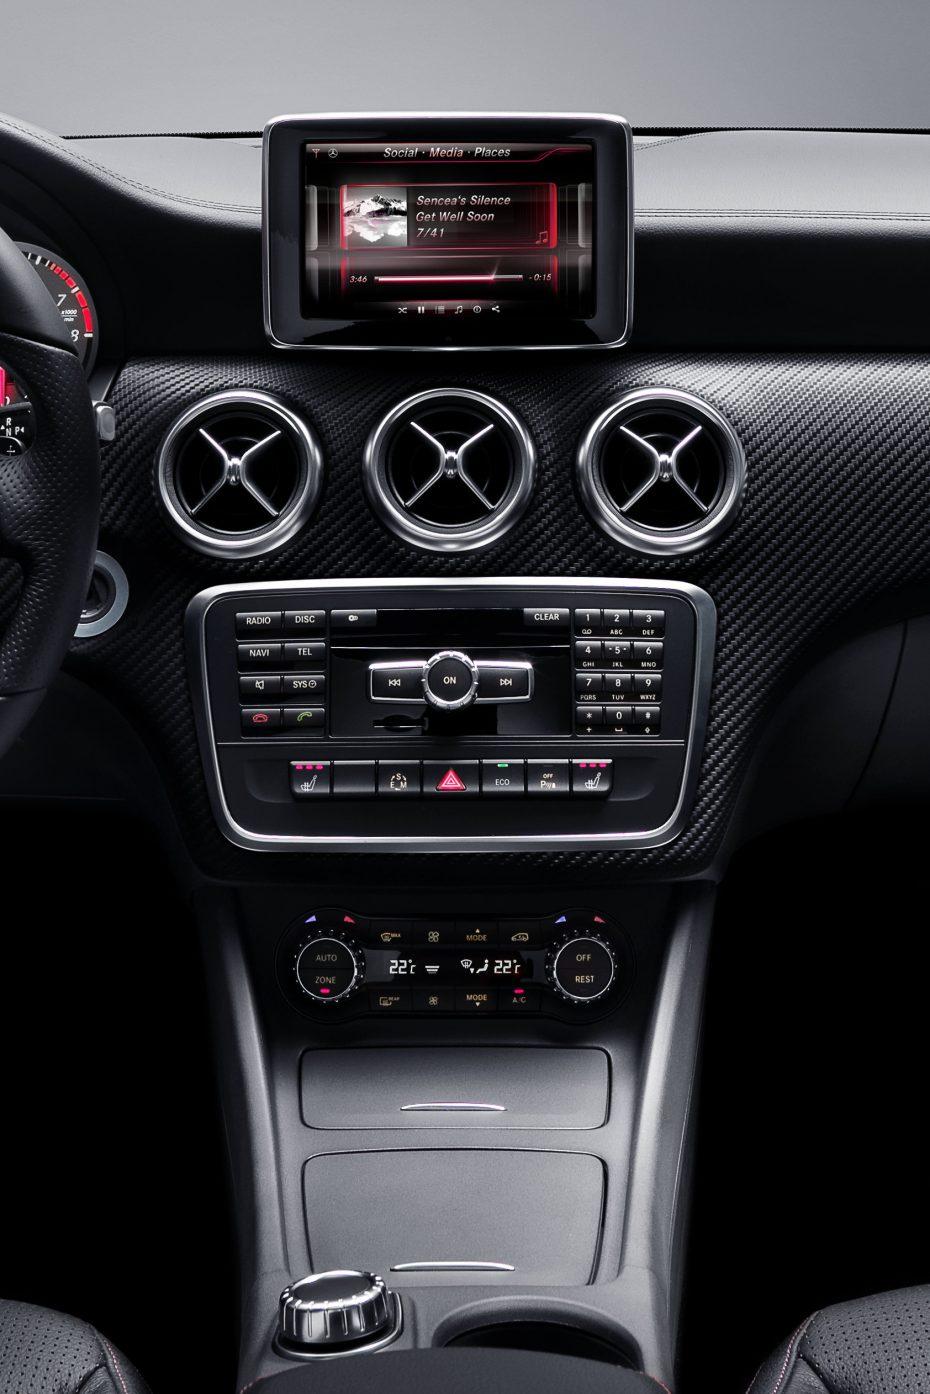 Mercedes muestra unas imágenes del interior de su nueva Clase A